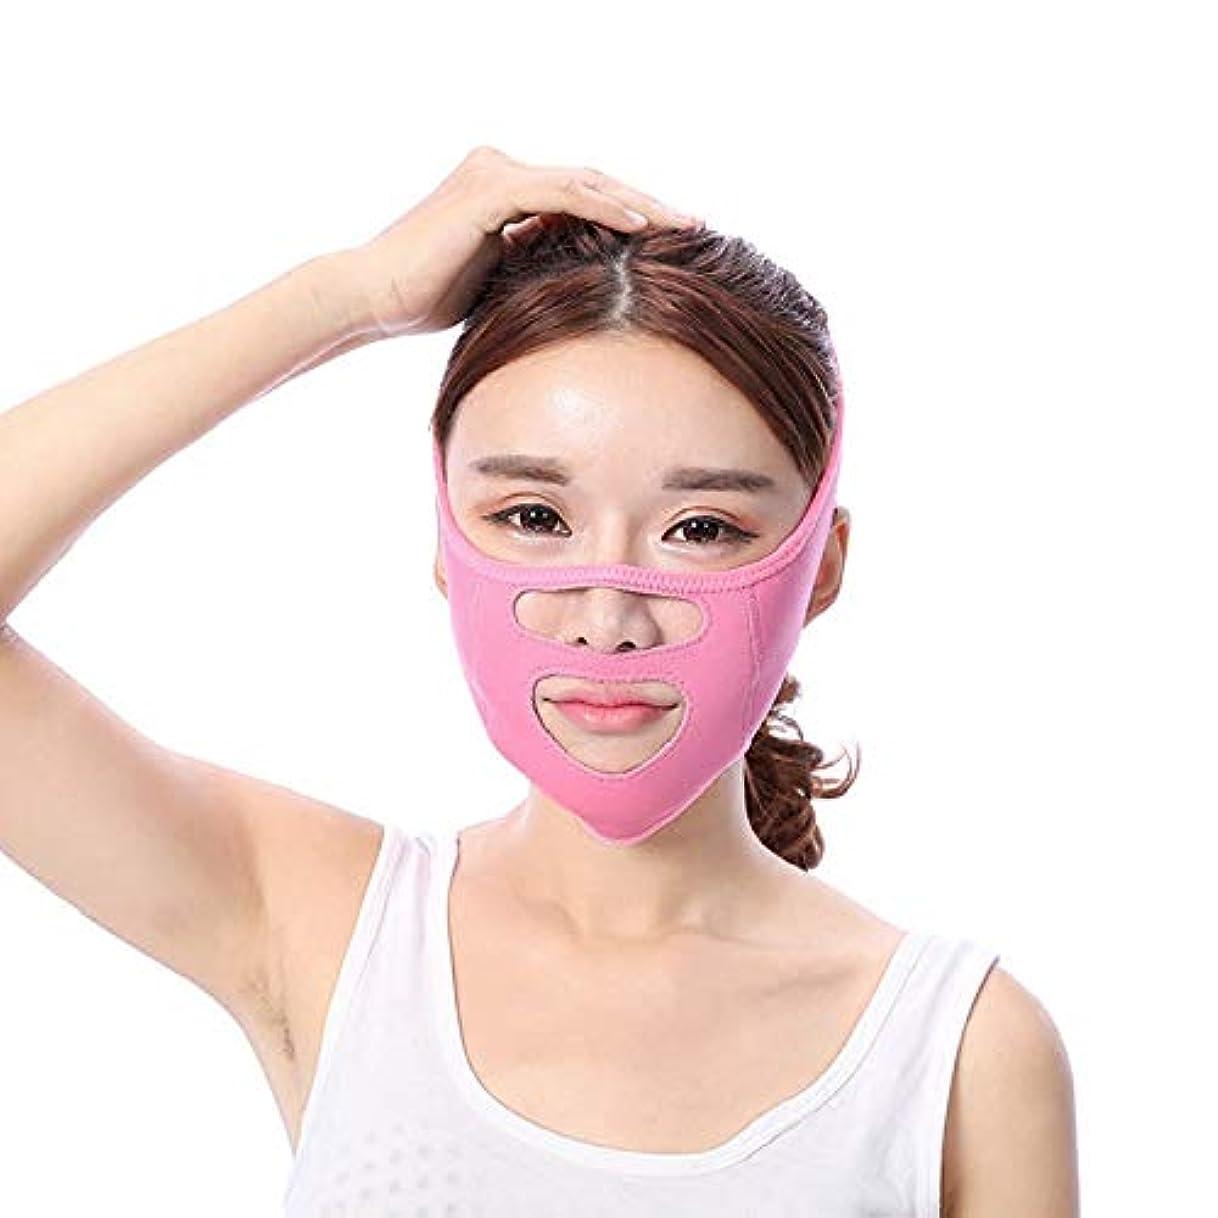 コールド敬意を表する有料フェイスリフトベルトフェイスバンデージ美容機器リフティングファインディングダブルチン法令Vマスク睡眠マスク通気性 美しさ